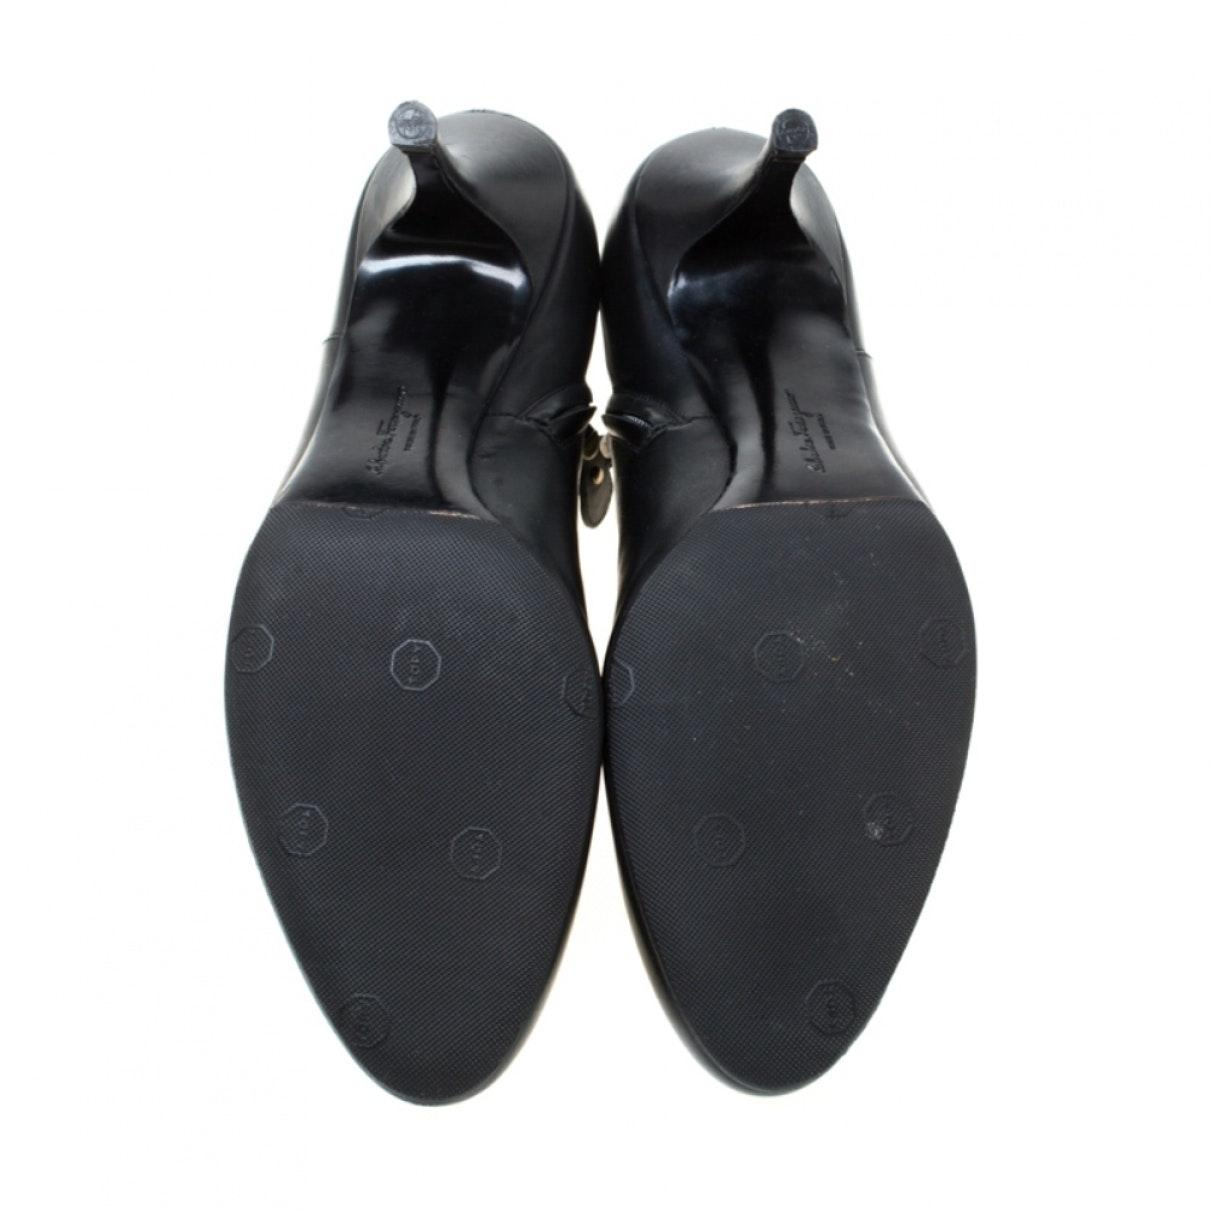 Botines en cuero negro Ferragamo de Cuero de color Negro